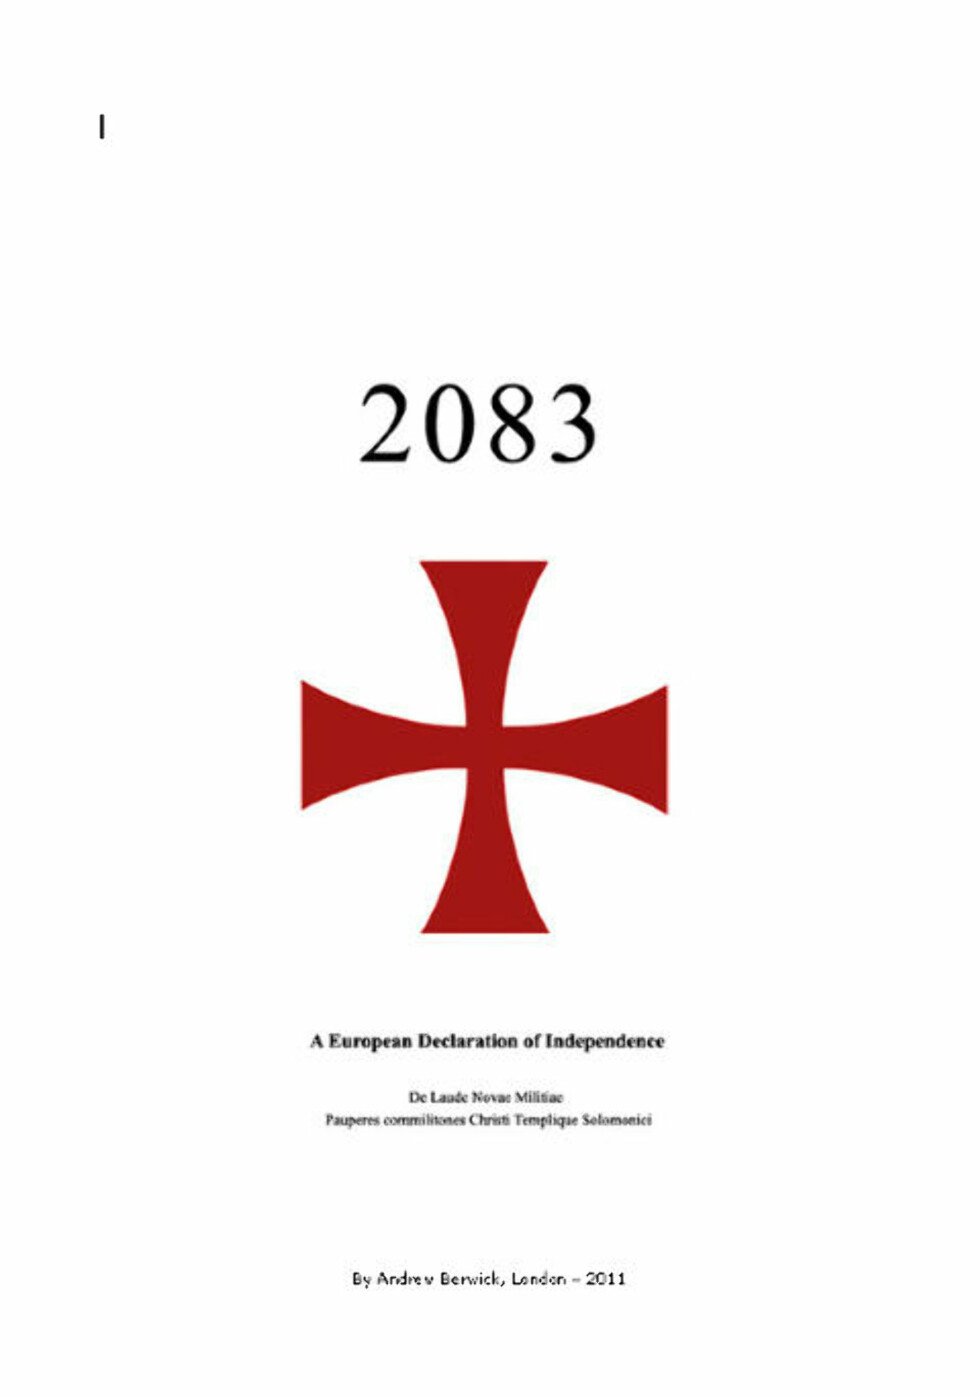 VIL REDDE EUROPA: Forfatteren av boka kaller seg Andrew Berwick. Den er skrevet på engelsk - angivelig i London i år.